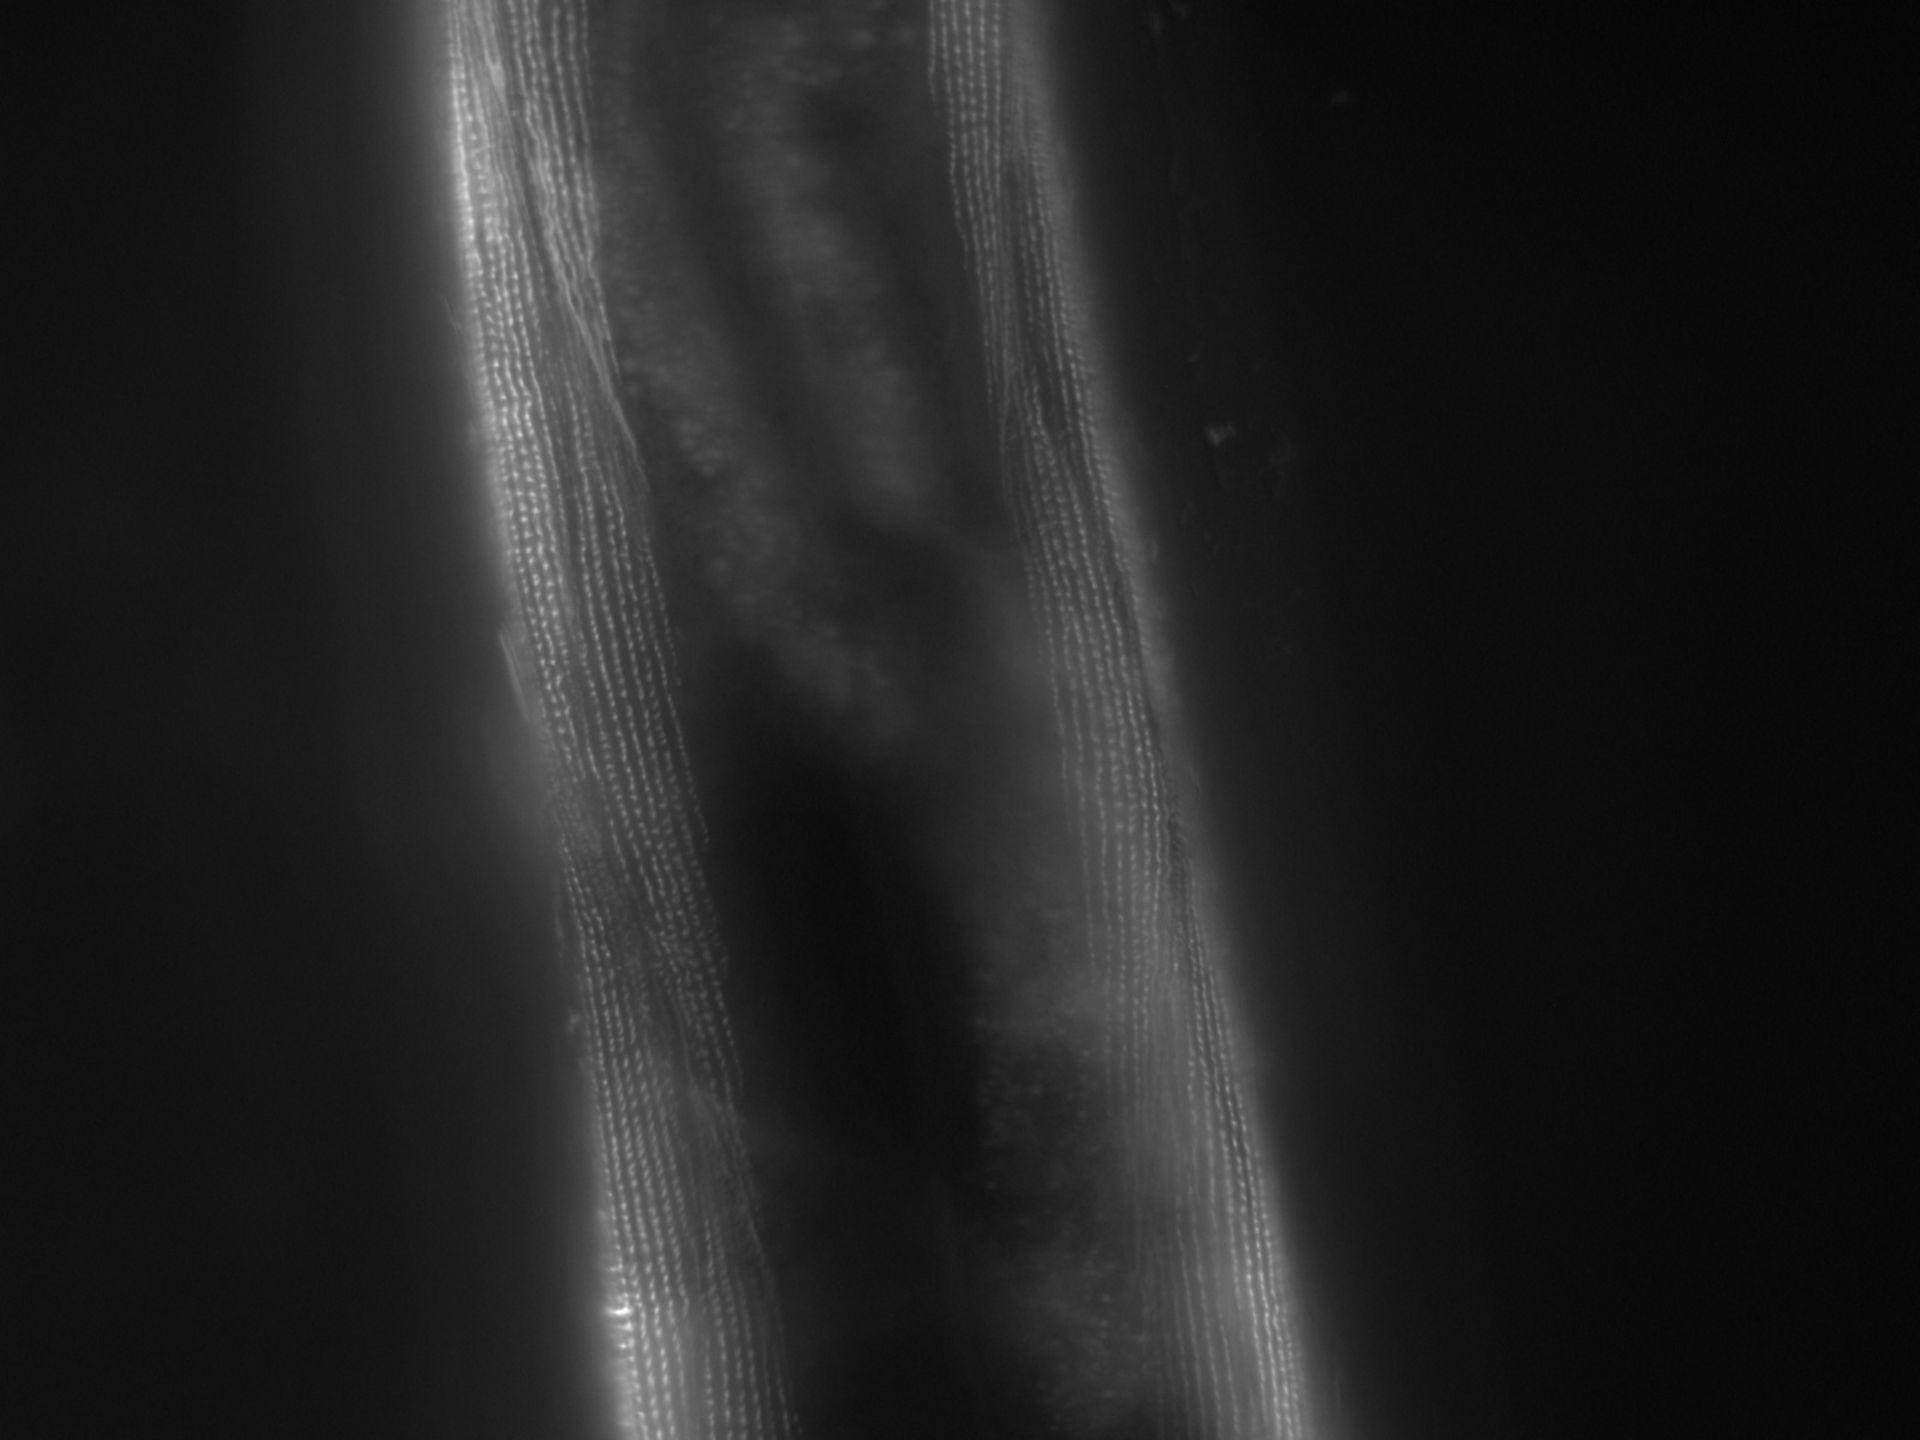 Caenorhabditis elegans (Actin filament) - CIL:1167